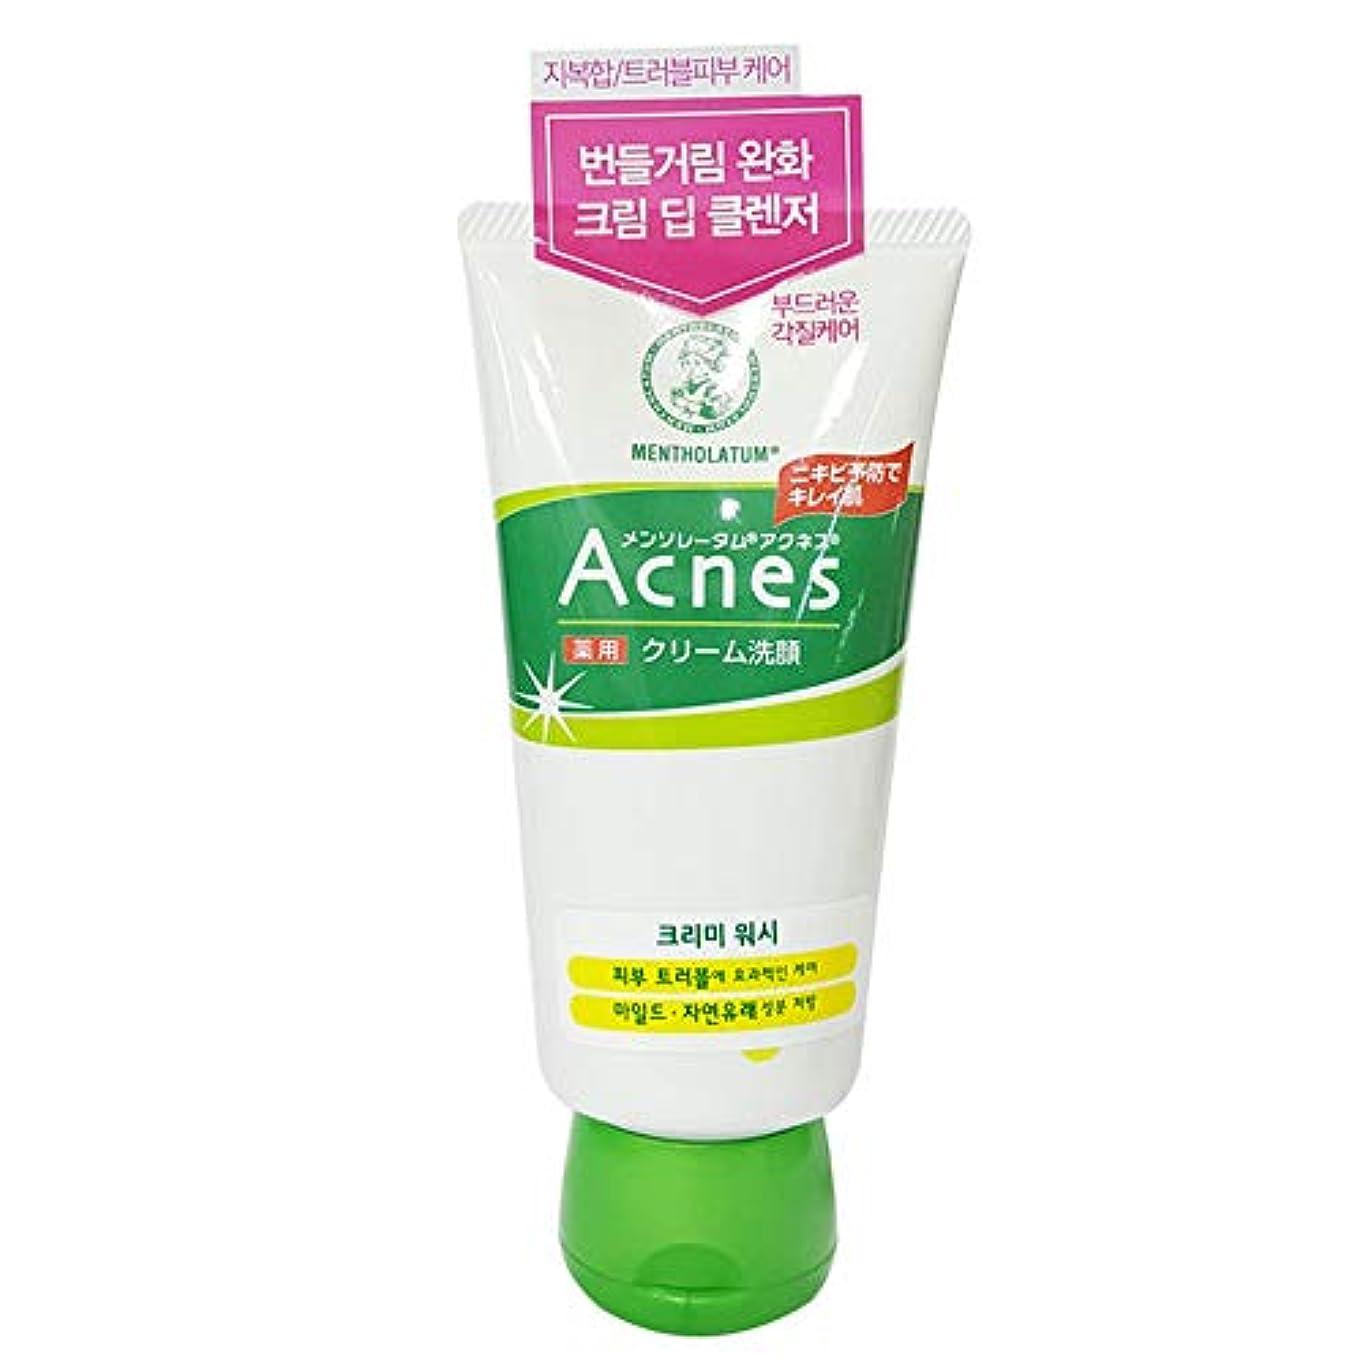 予想するテンション納得させる[Acnes] アクネス クリーミー ウォッシュ Creamy Wash メイク落とし - Acne Break Face Cleanser, Balance Oil Control Foaming Cleansing...